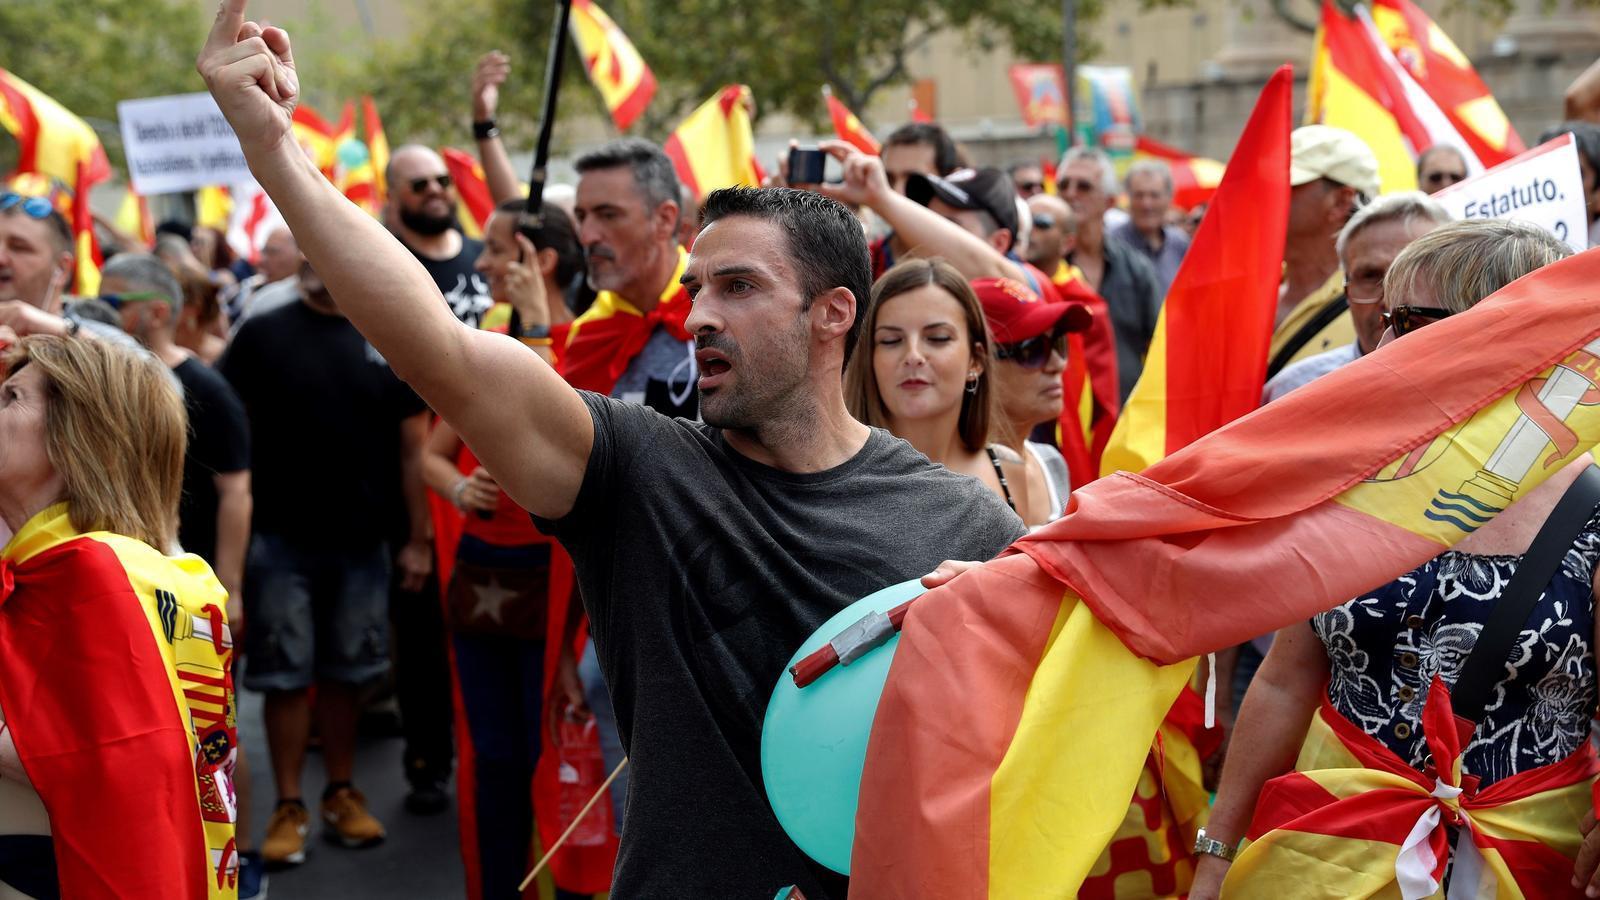 Unes 2.000 persones es manifesten convocades per Vox a Barcelona a favor la unitat d'Espanya